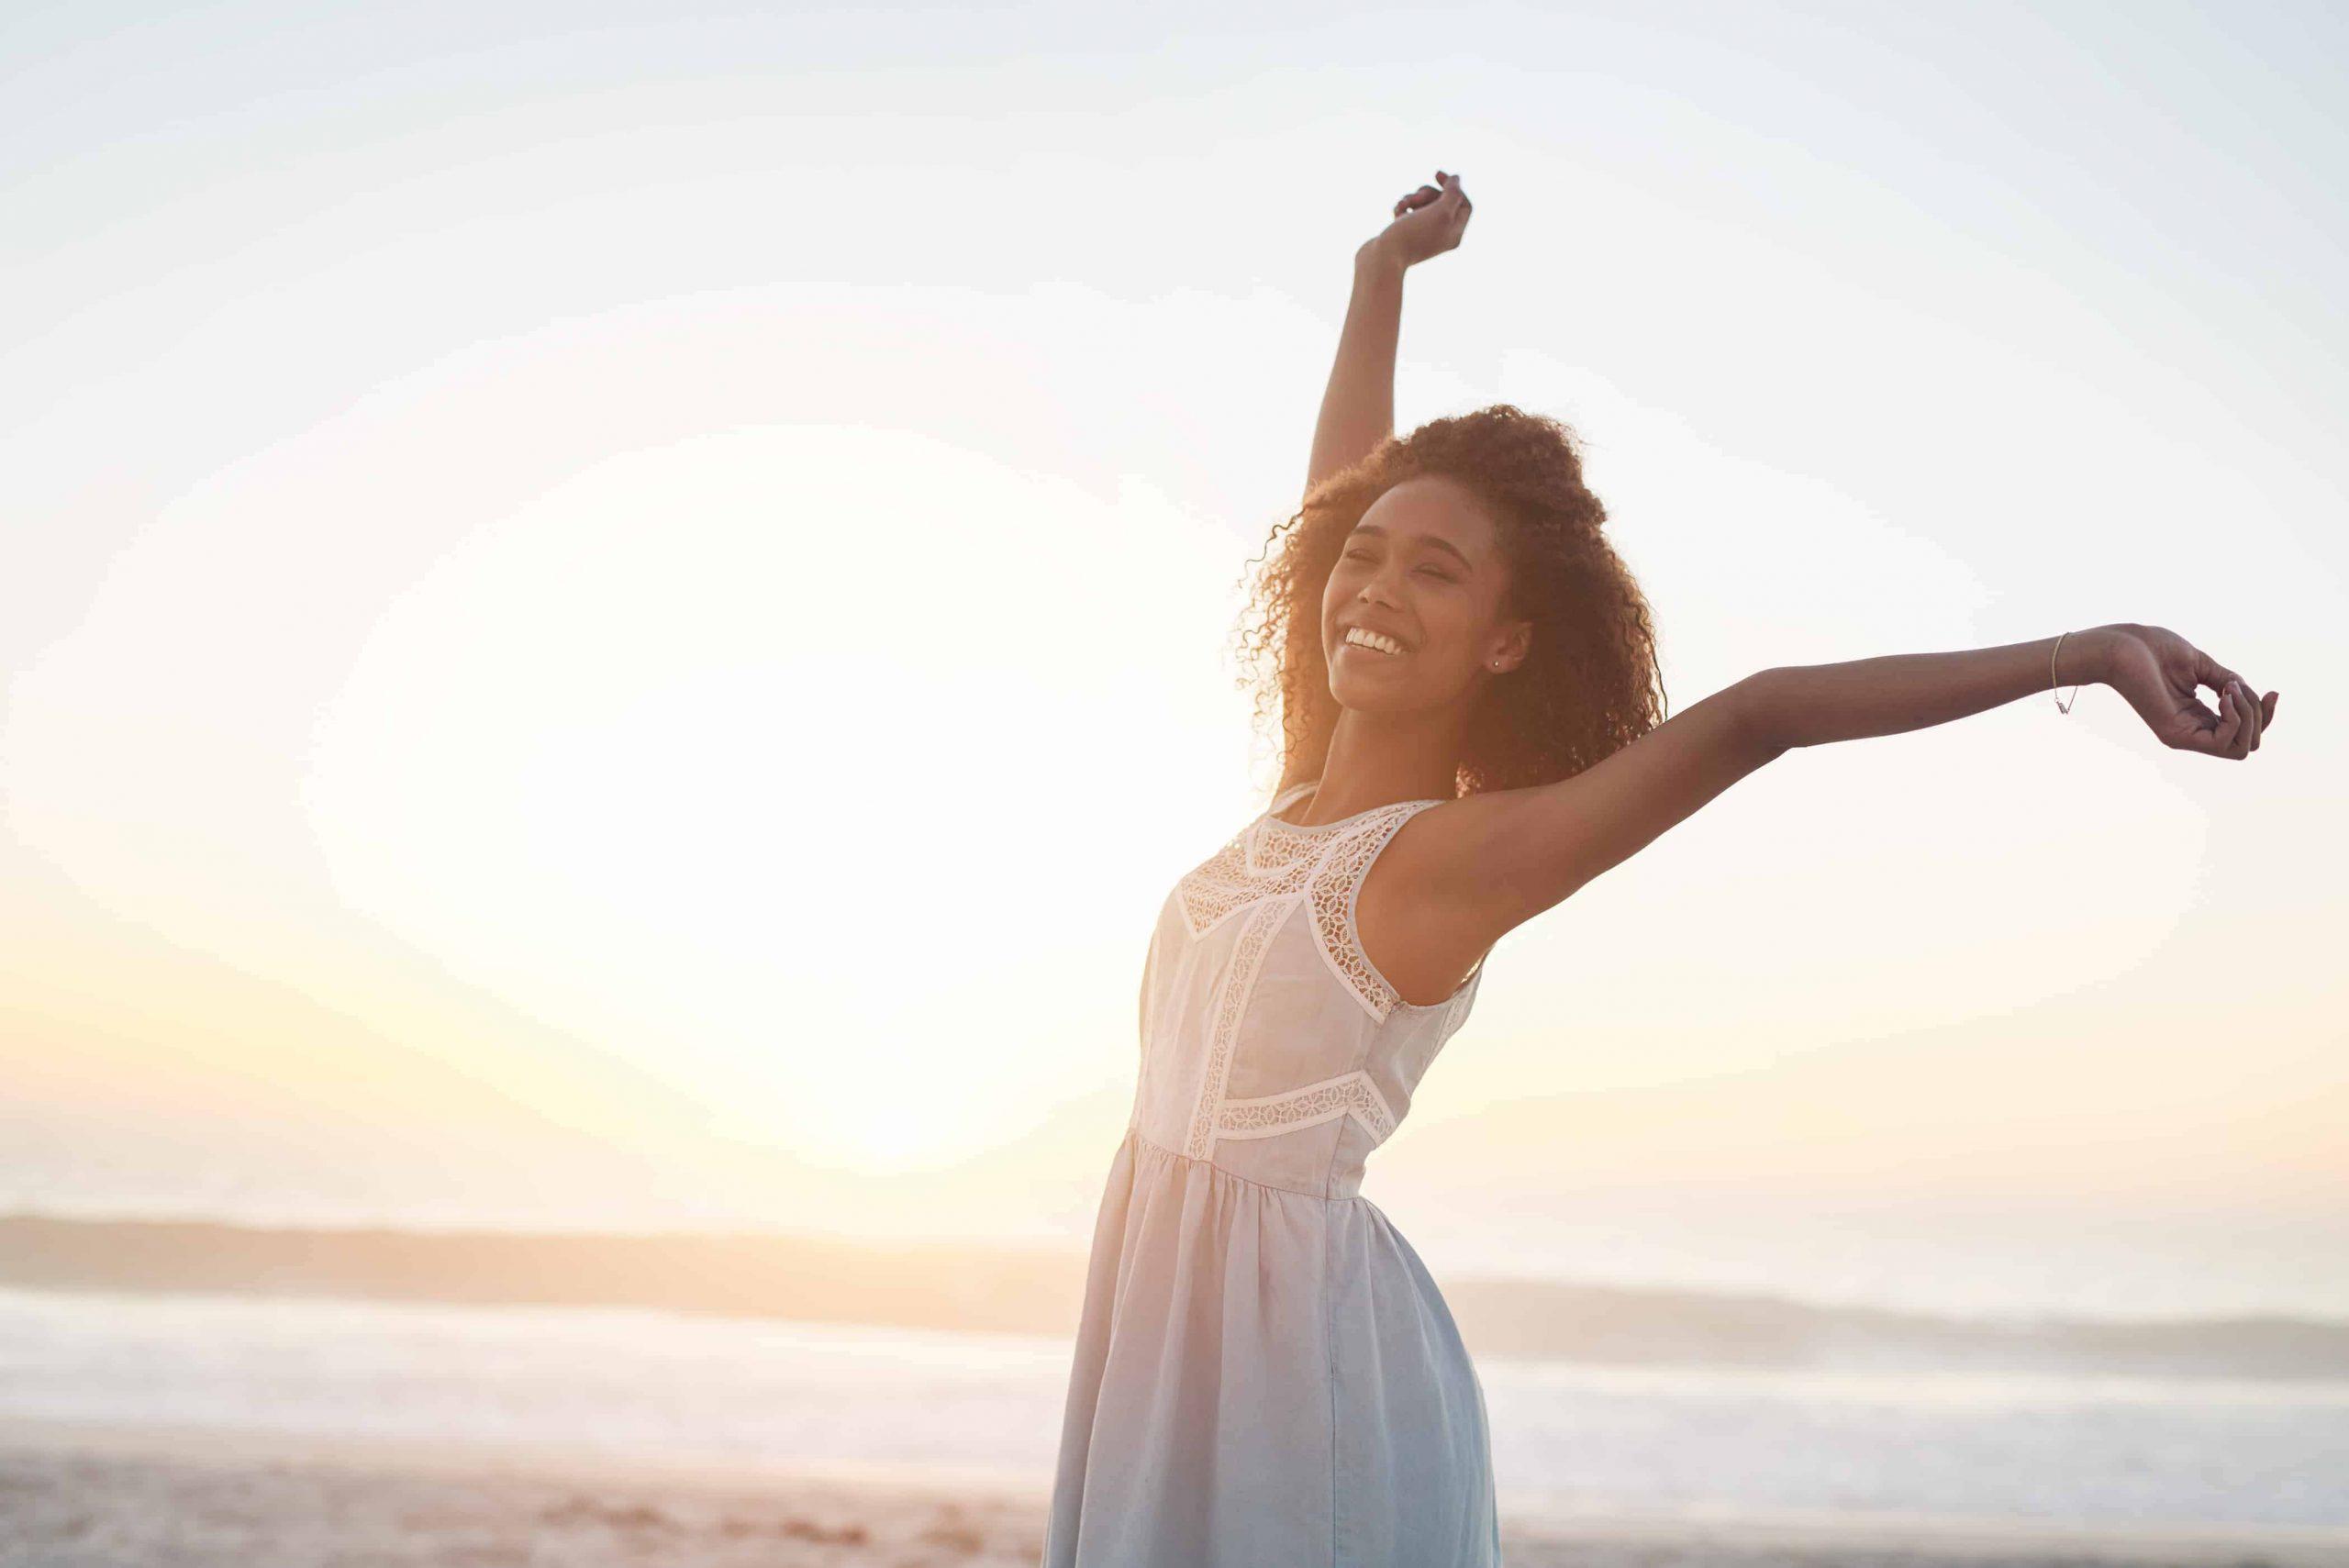 Glücklich sein: 10 Tipps und Aufgaben für alle Lebenslagen